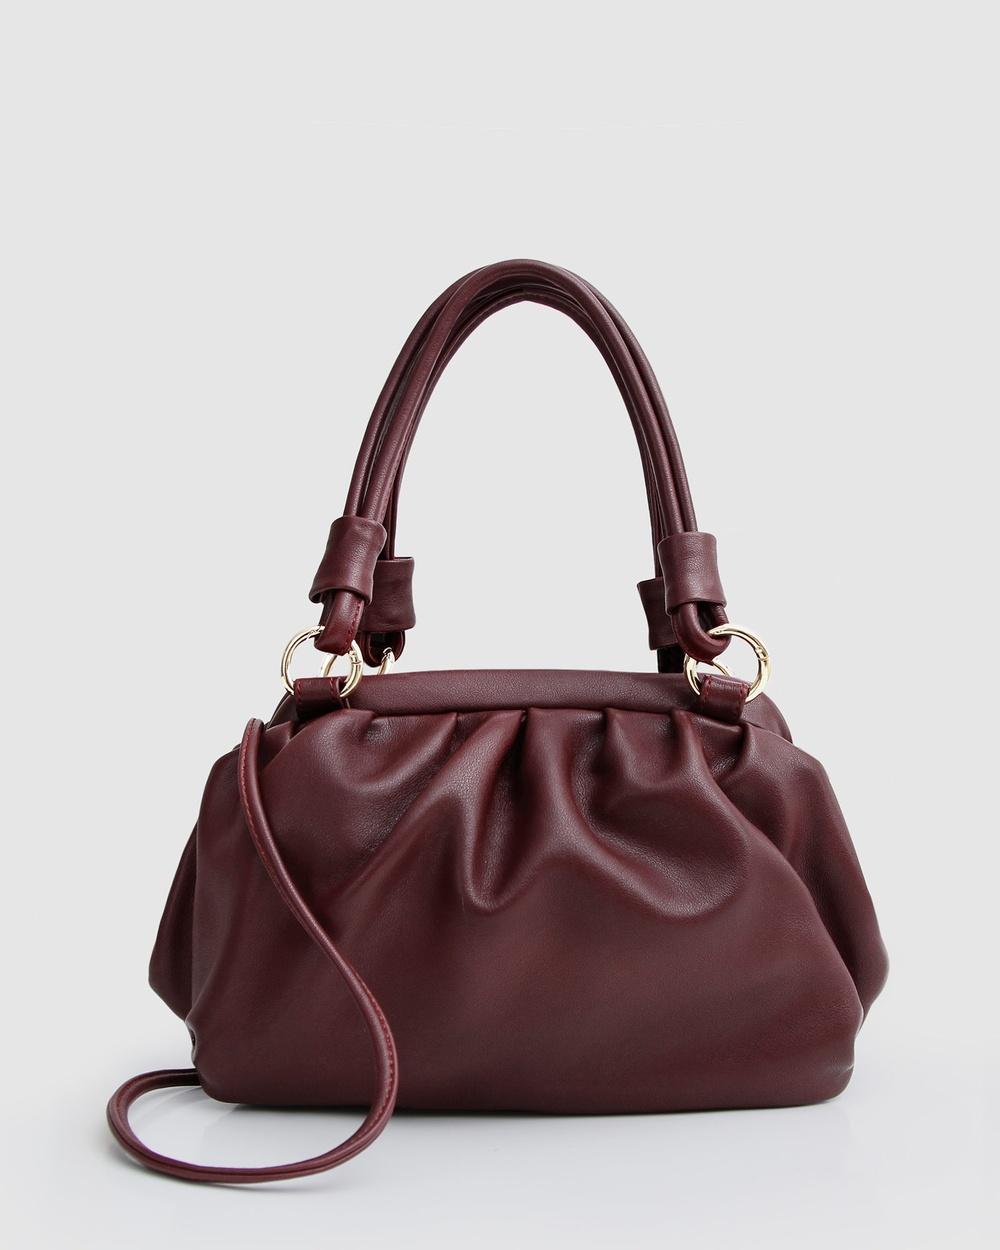 Belle & Bloom Just Because Leather Shoulder Bag Handbags Merlot